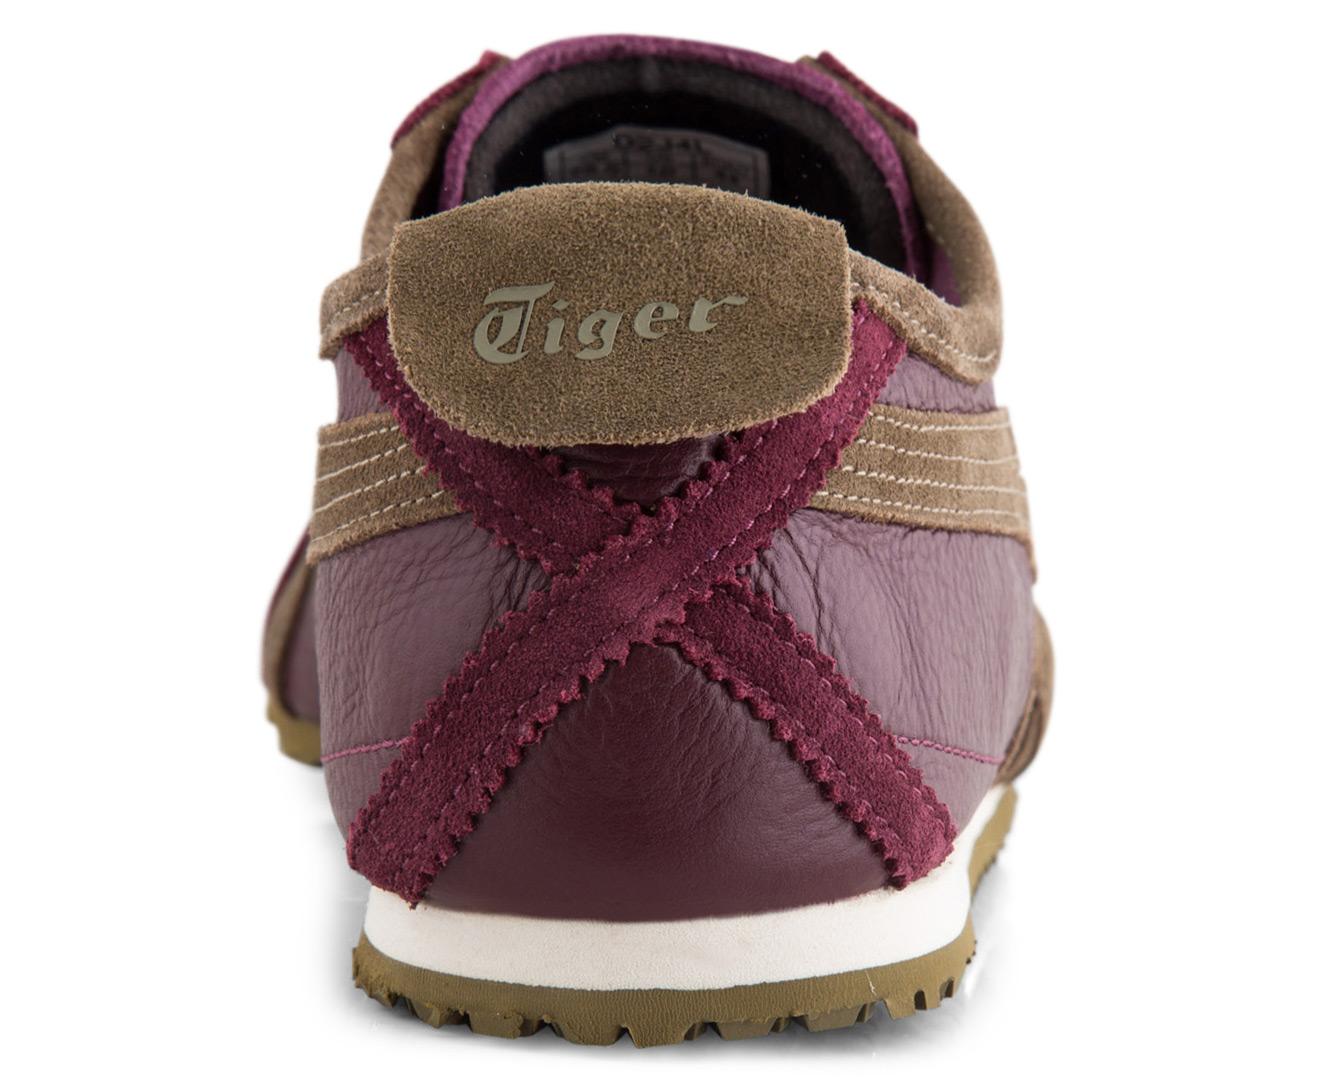 online store 09d4d ac679 Onitsuka Tiger Mexico 66 Vintage Shoe - Zinfandel/Olive